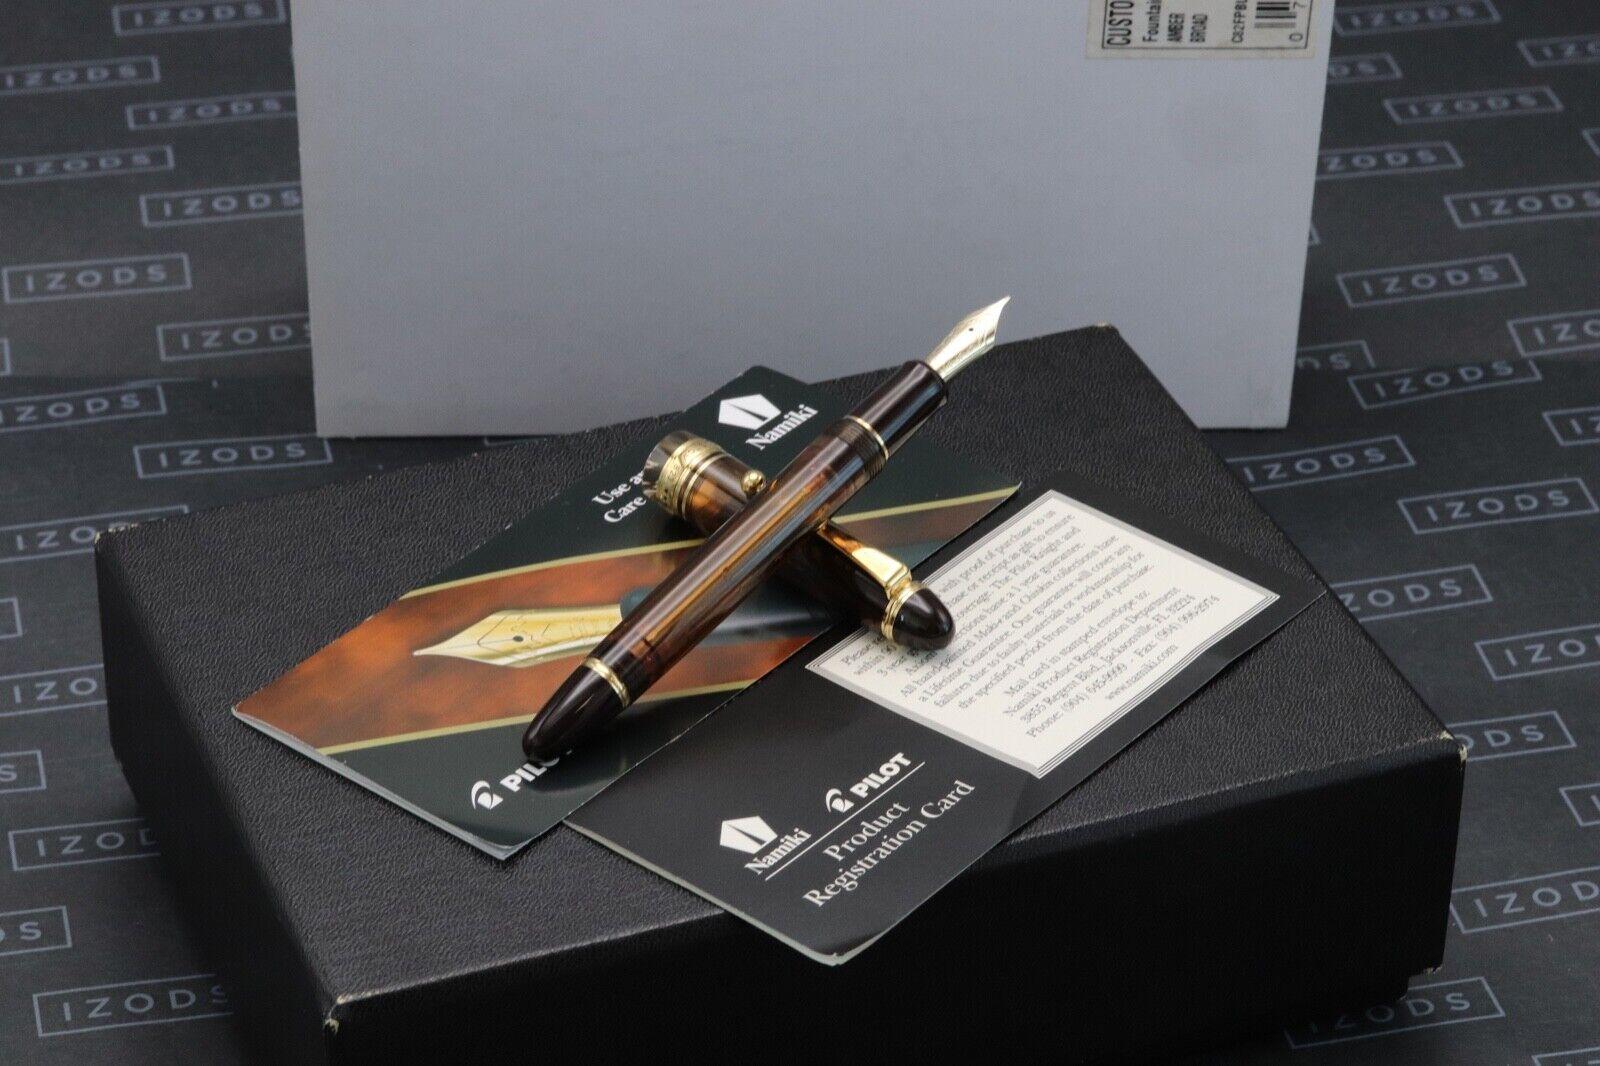 Pilot Custom 823 Amber Fountain Pen - Cursive Italic Broad Nib